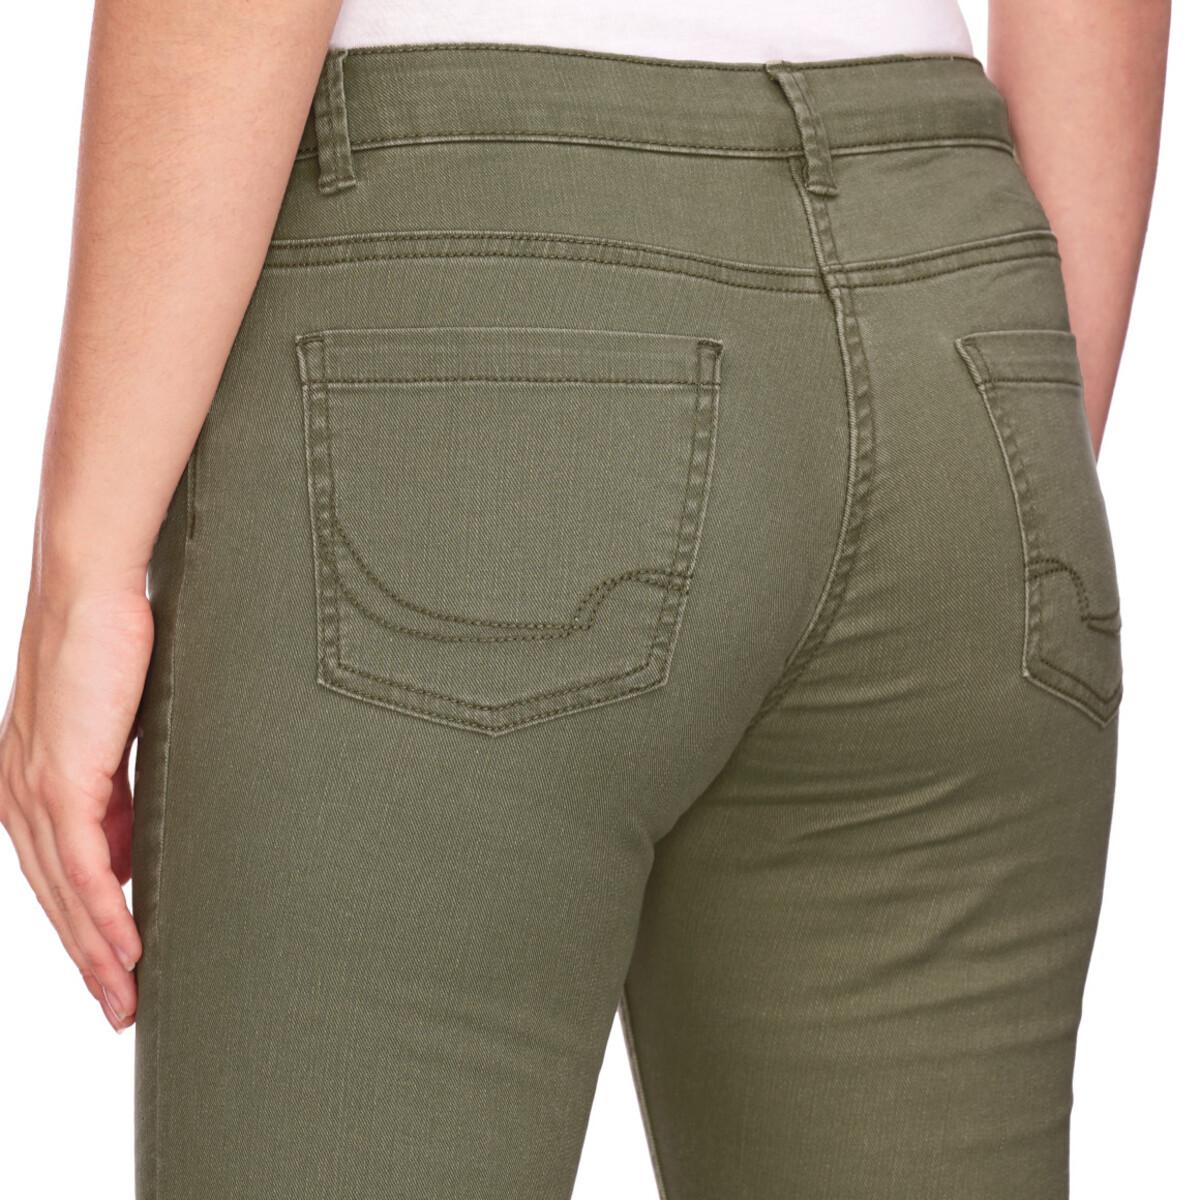 Bild 5 von Damen Slim-Jeans mit fransigem Beinabschluss